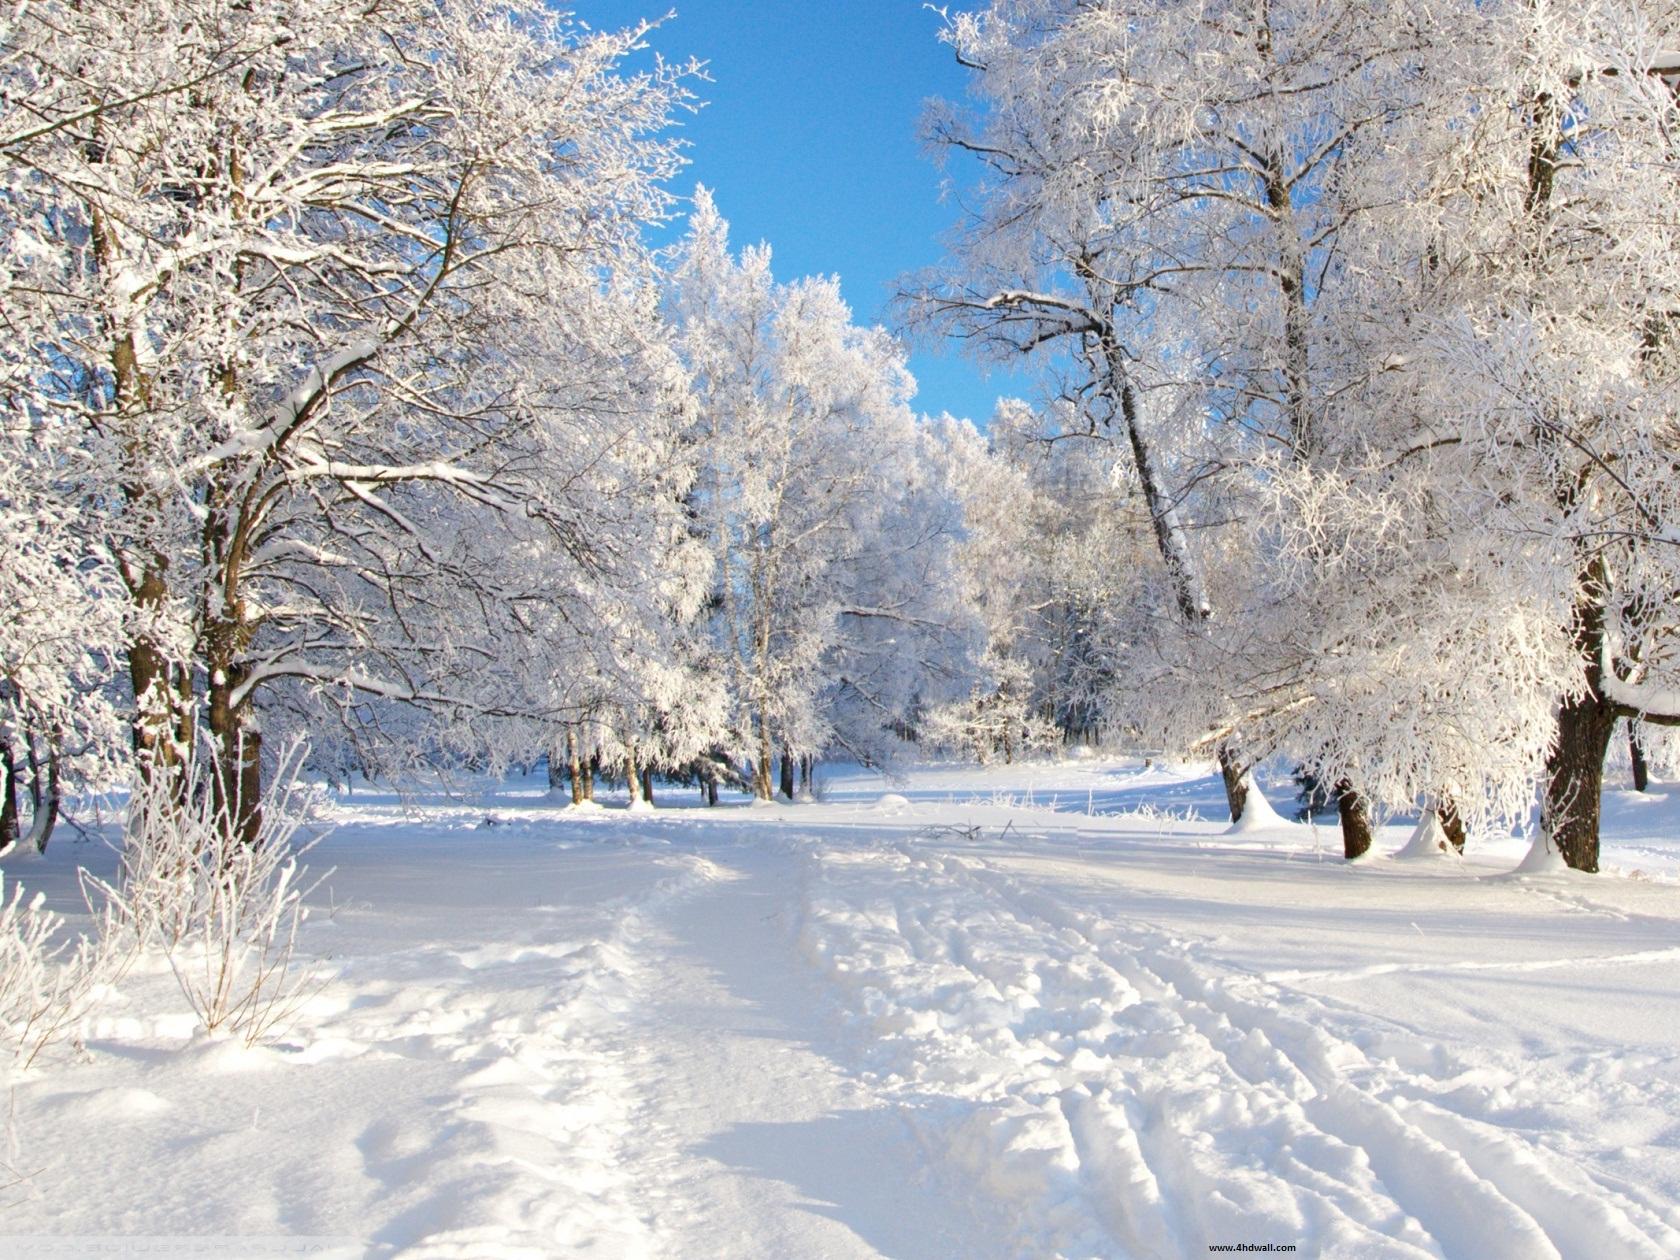 Free Desktop Wallpaper Pictures Winter, 39 Winter 2016 Wallpaper's